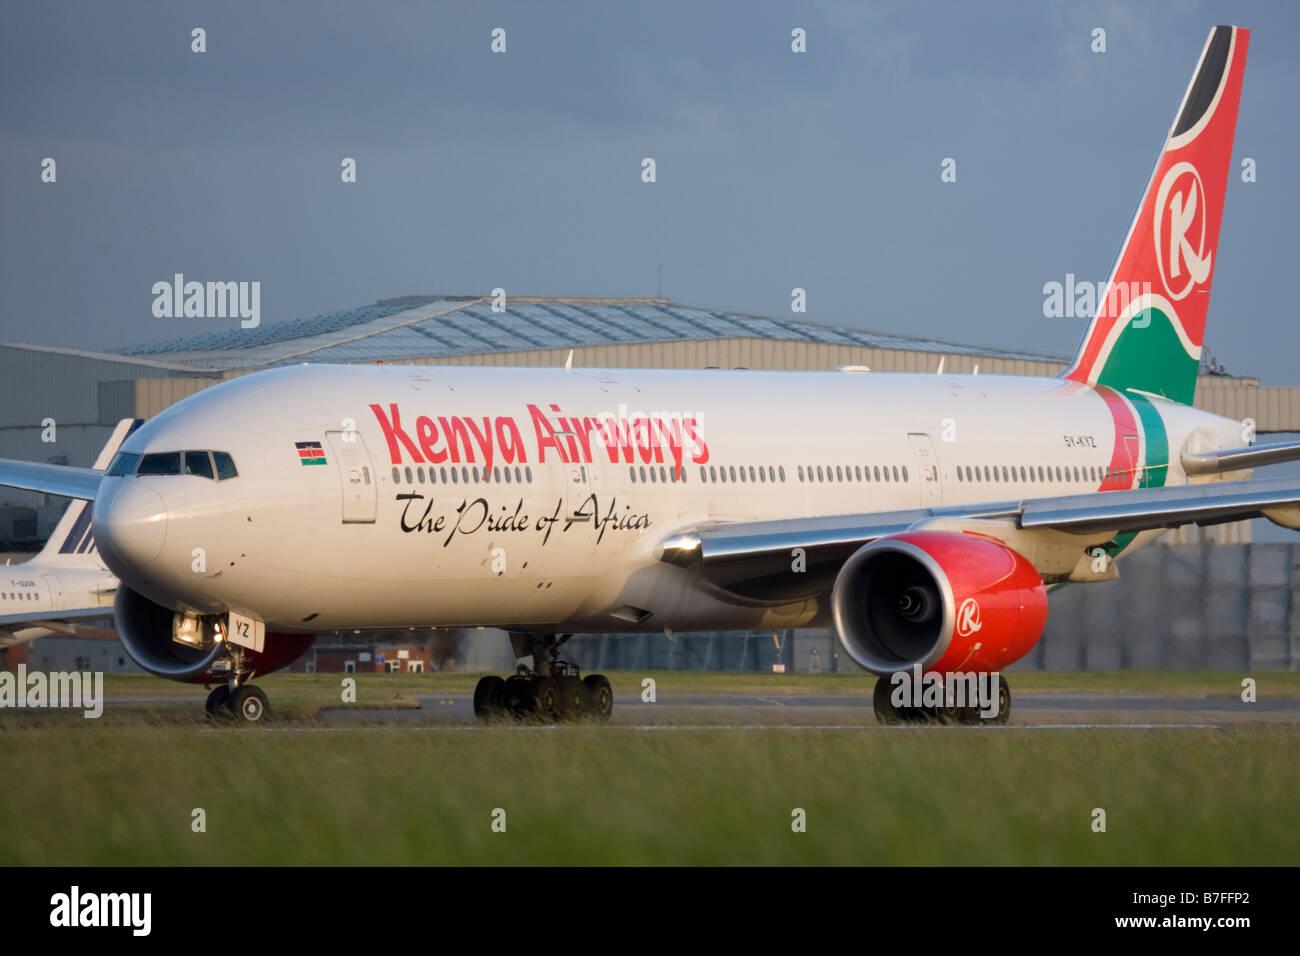 Kenya Airways Boeing 777-2U8/ER at London Heathrow airport. - Stock Image